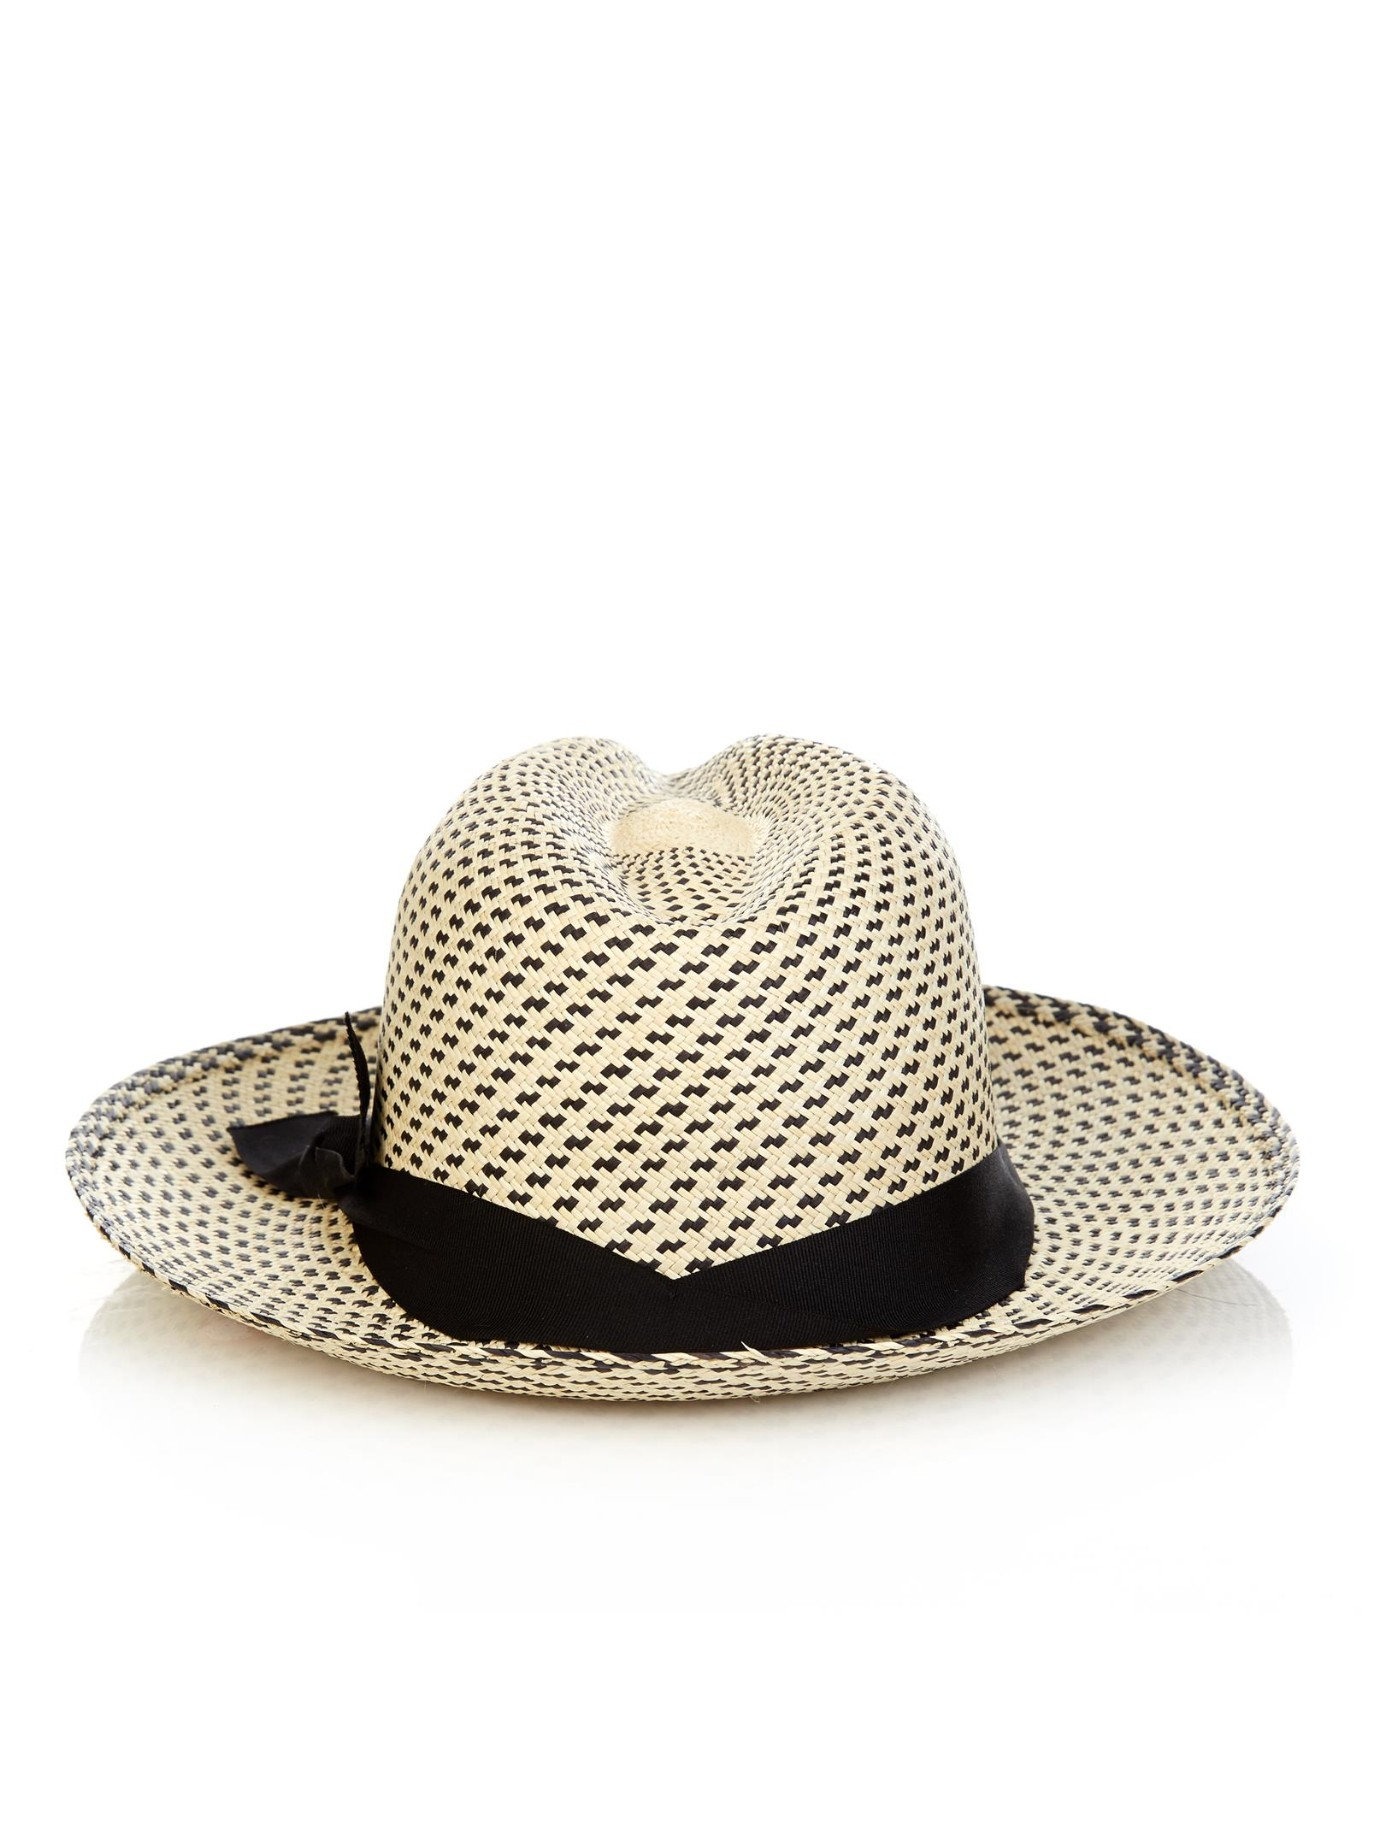 Sensi studio New Erosion Panama Straw Hat in Natural for ...